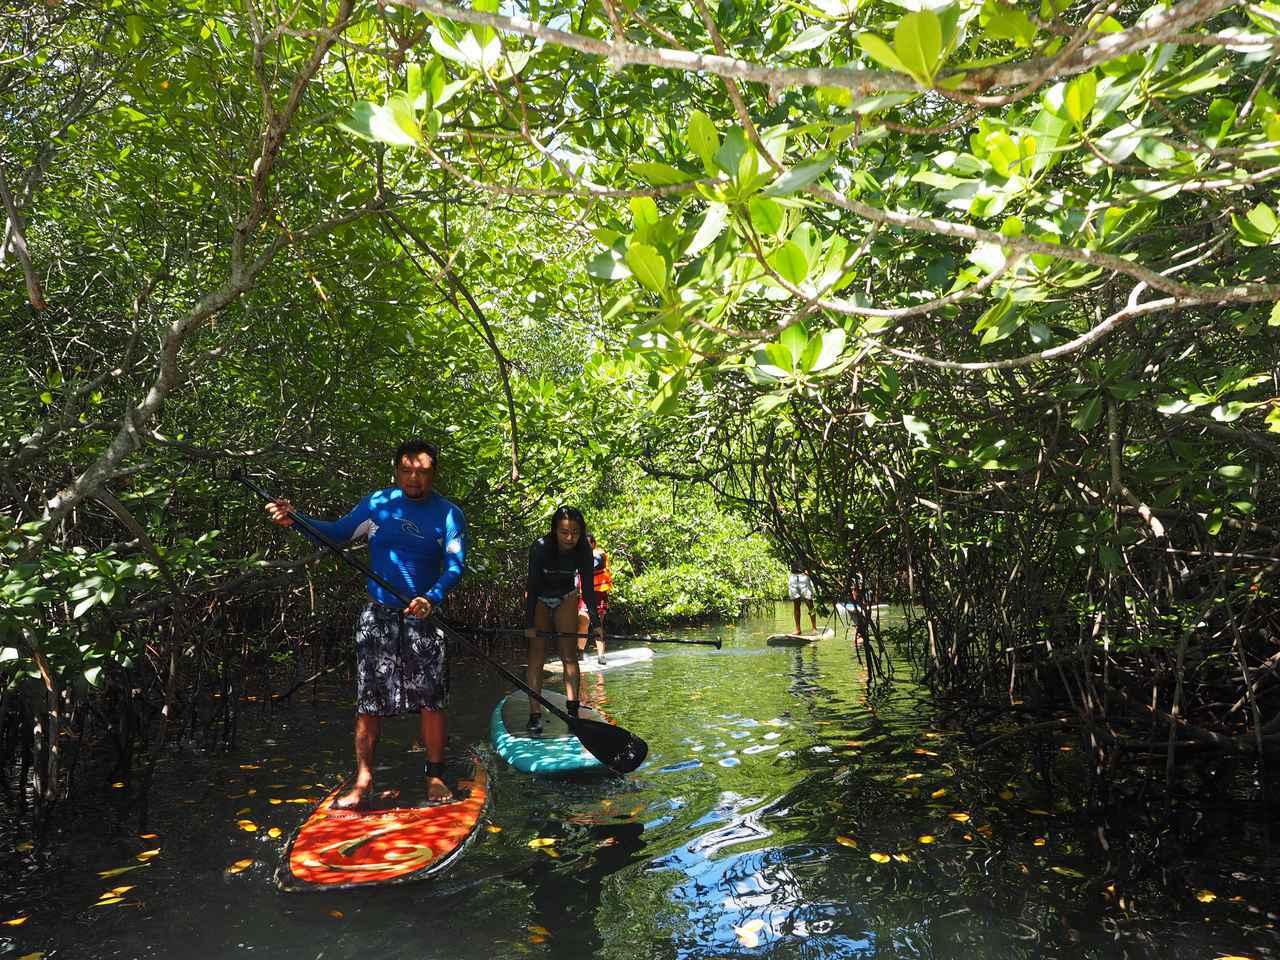 画像2: 4.【レンボンガン島】神秘的空気に包まれたマングローブの森をサップで散策